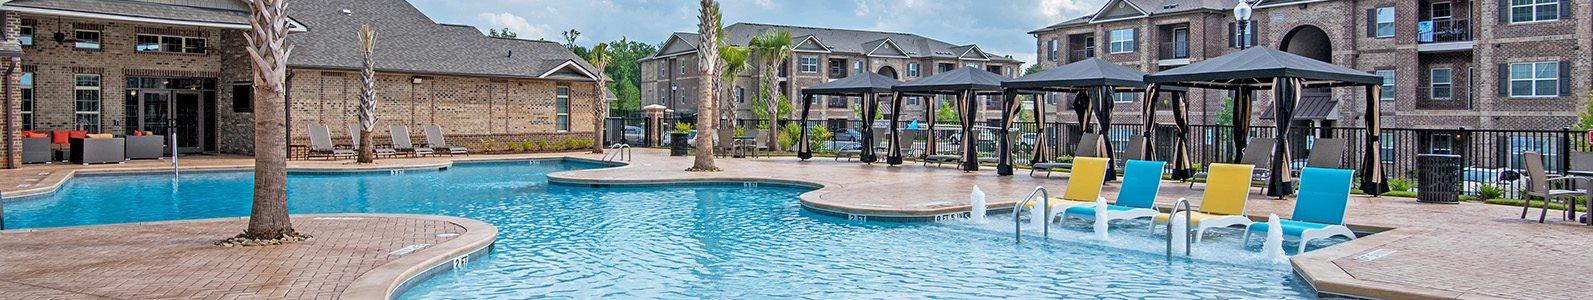 Resort-Style Pool at Maystone at Wakefield, North Carolina, 27614